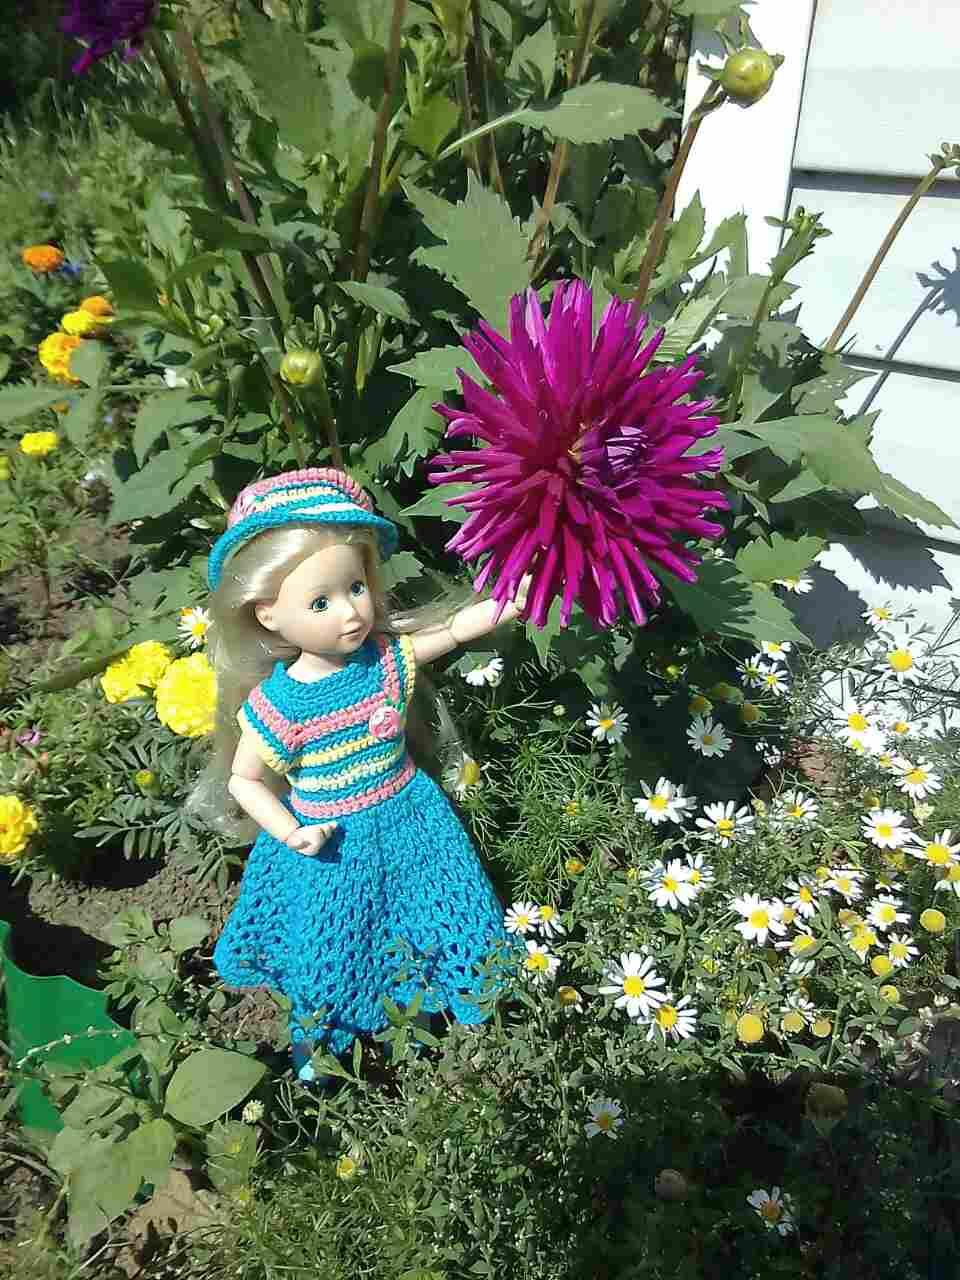 кукольная одежда, платье, джолина, балерина, вязание крючком, платье, шляпка, шапочка крючком, кукла